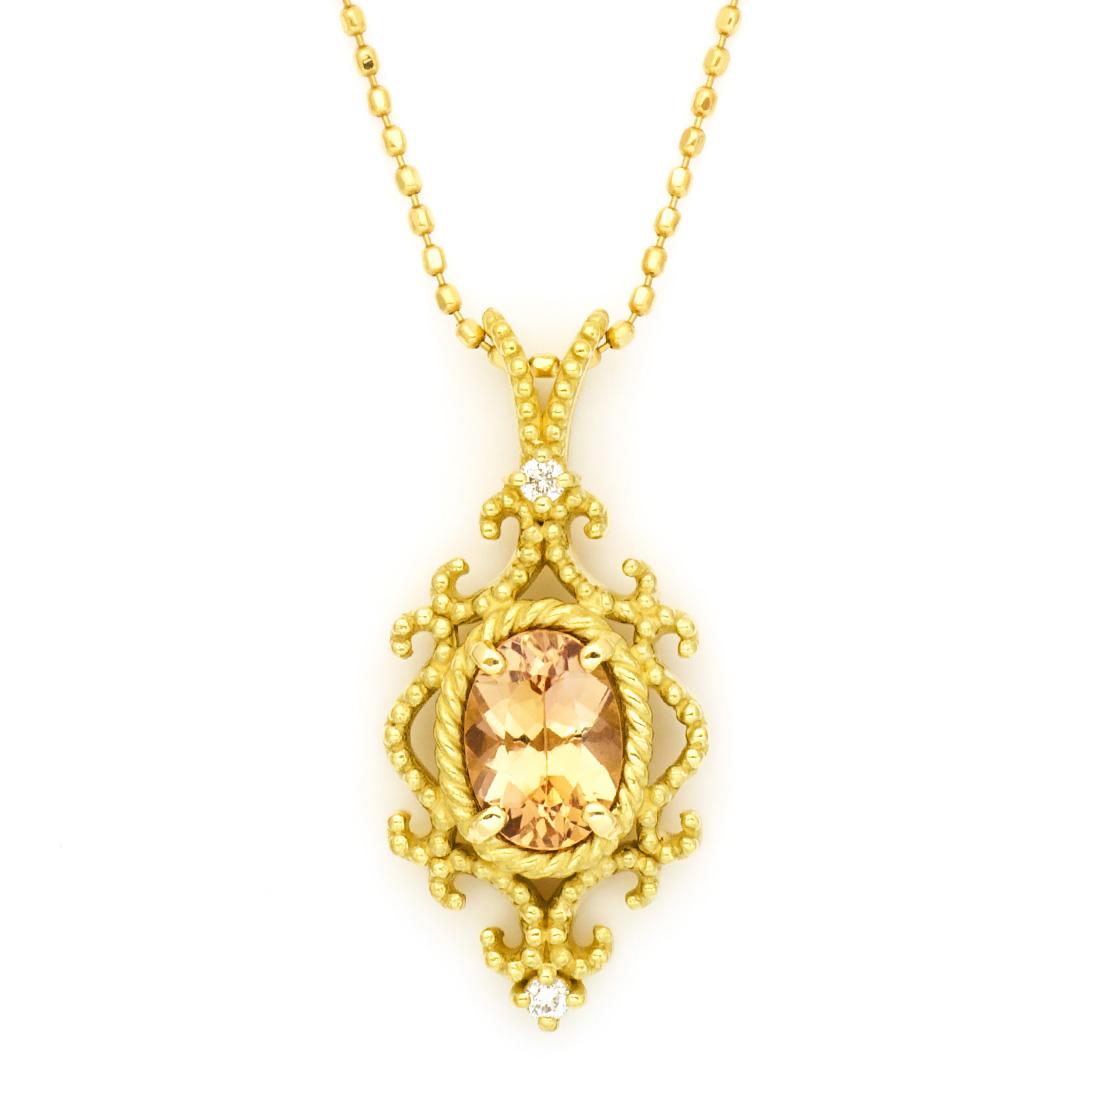 ペンダントトップ インペリアルトパーズ ダイヤモンド 「riflettere」 ゴールド K18